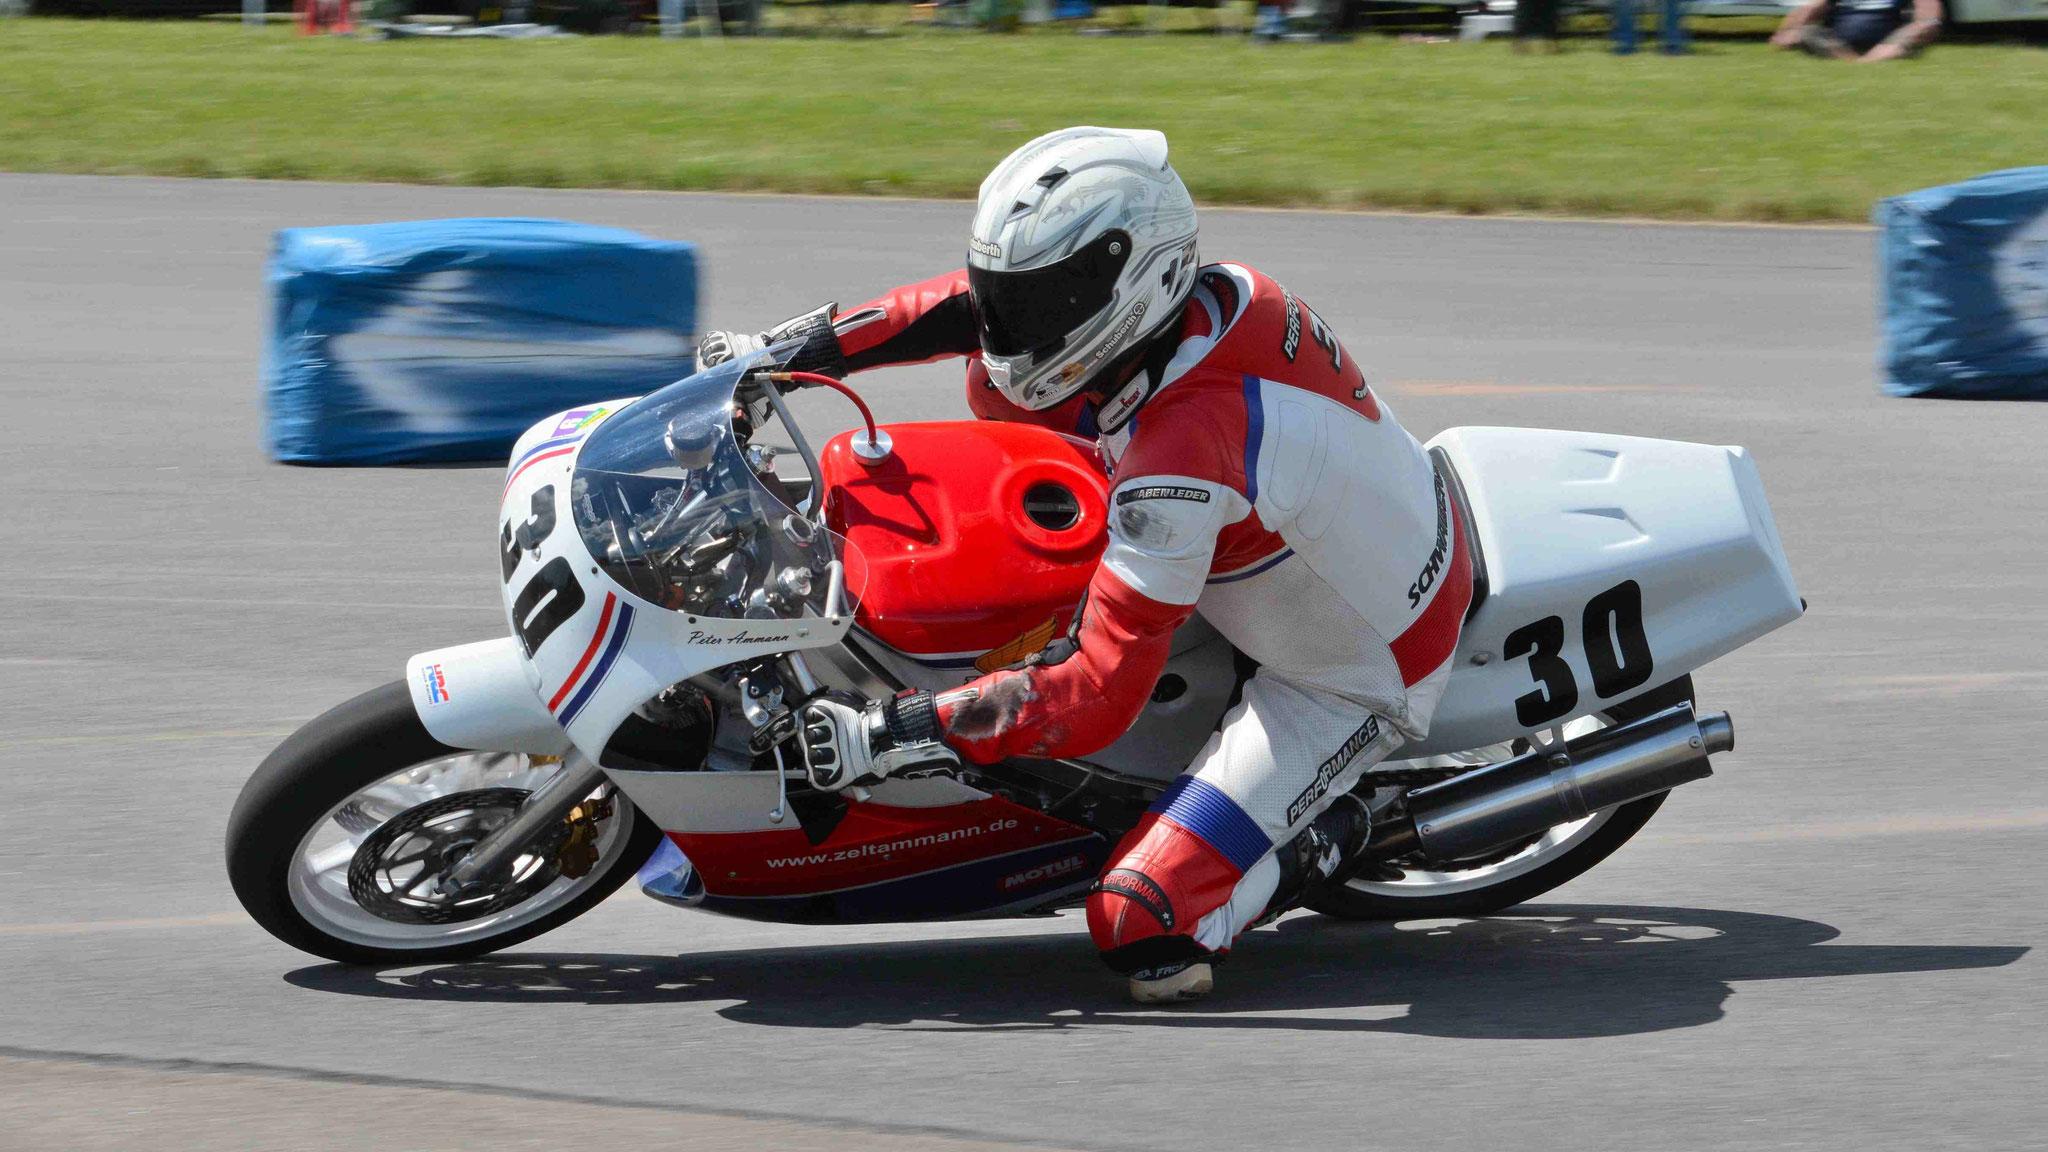 Peter Ammann / Honda RC30 1988